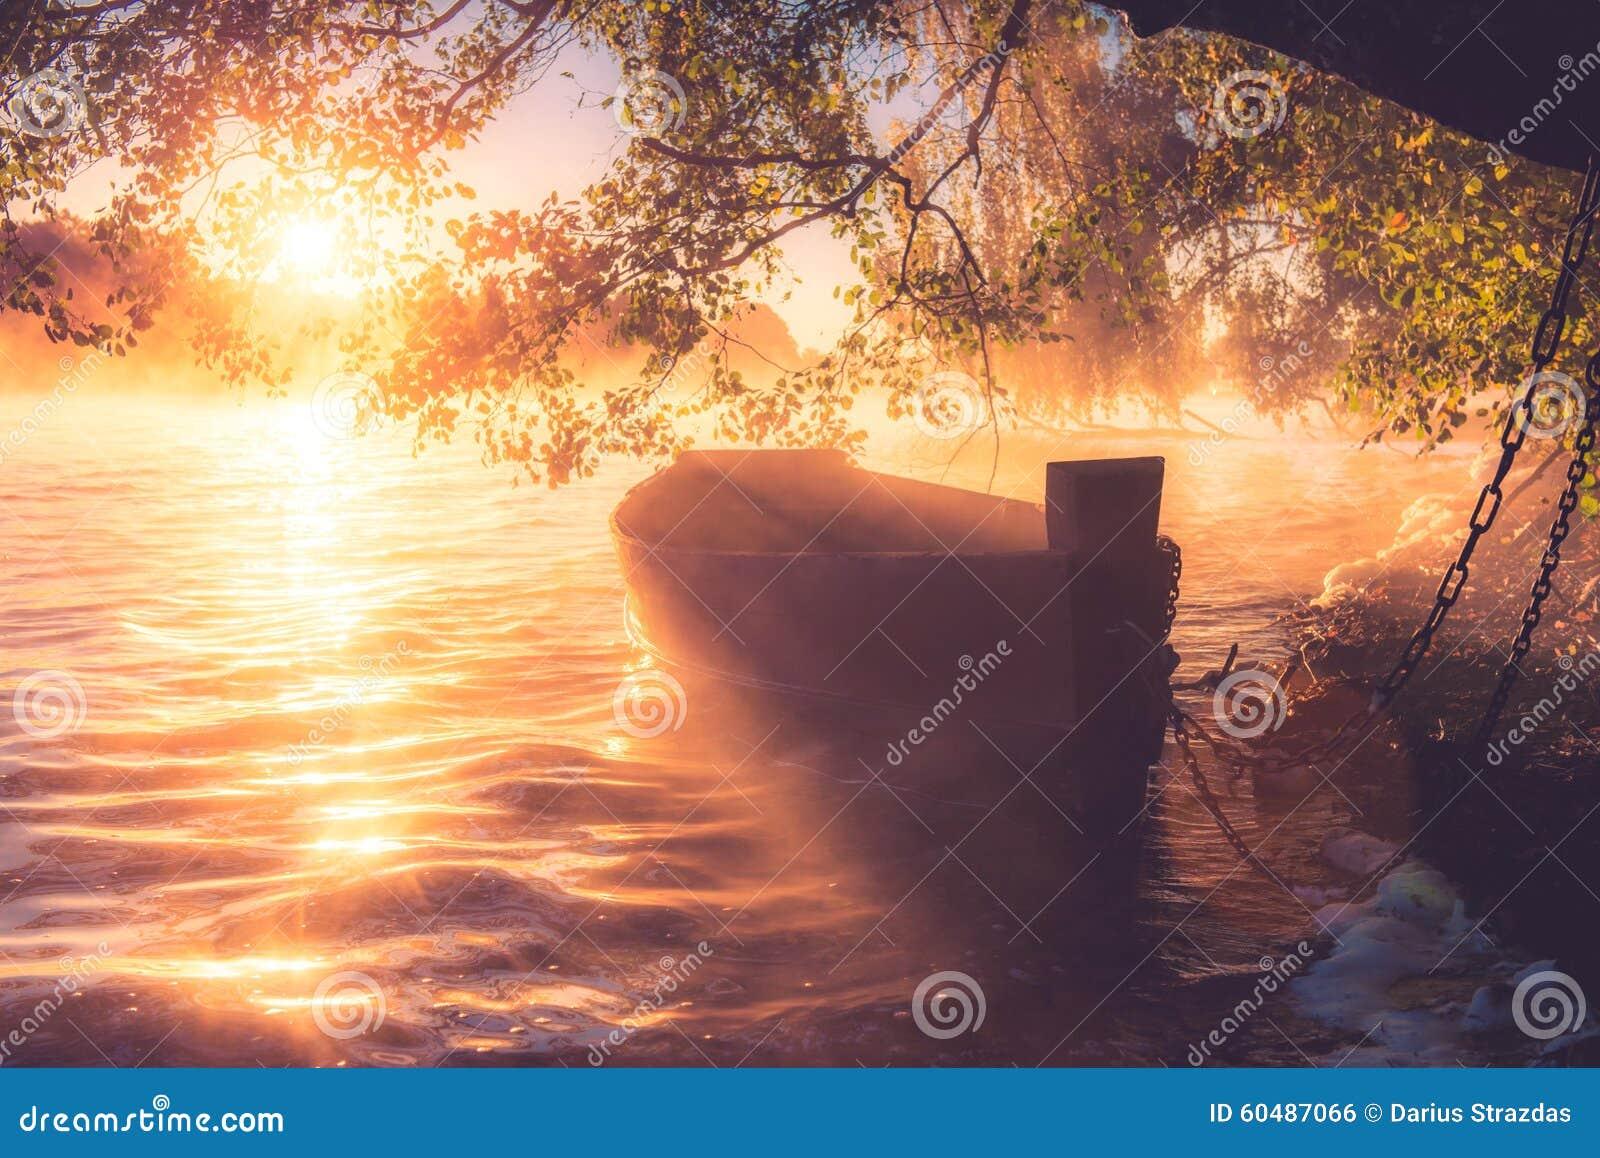 有薄雾的日出湖